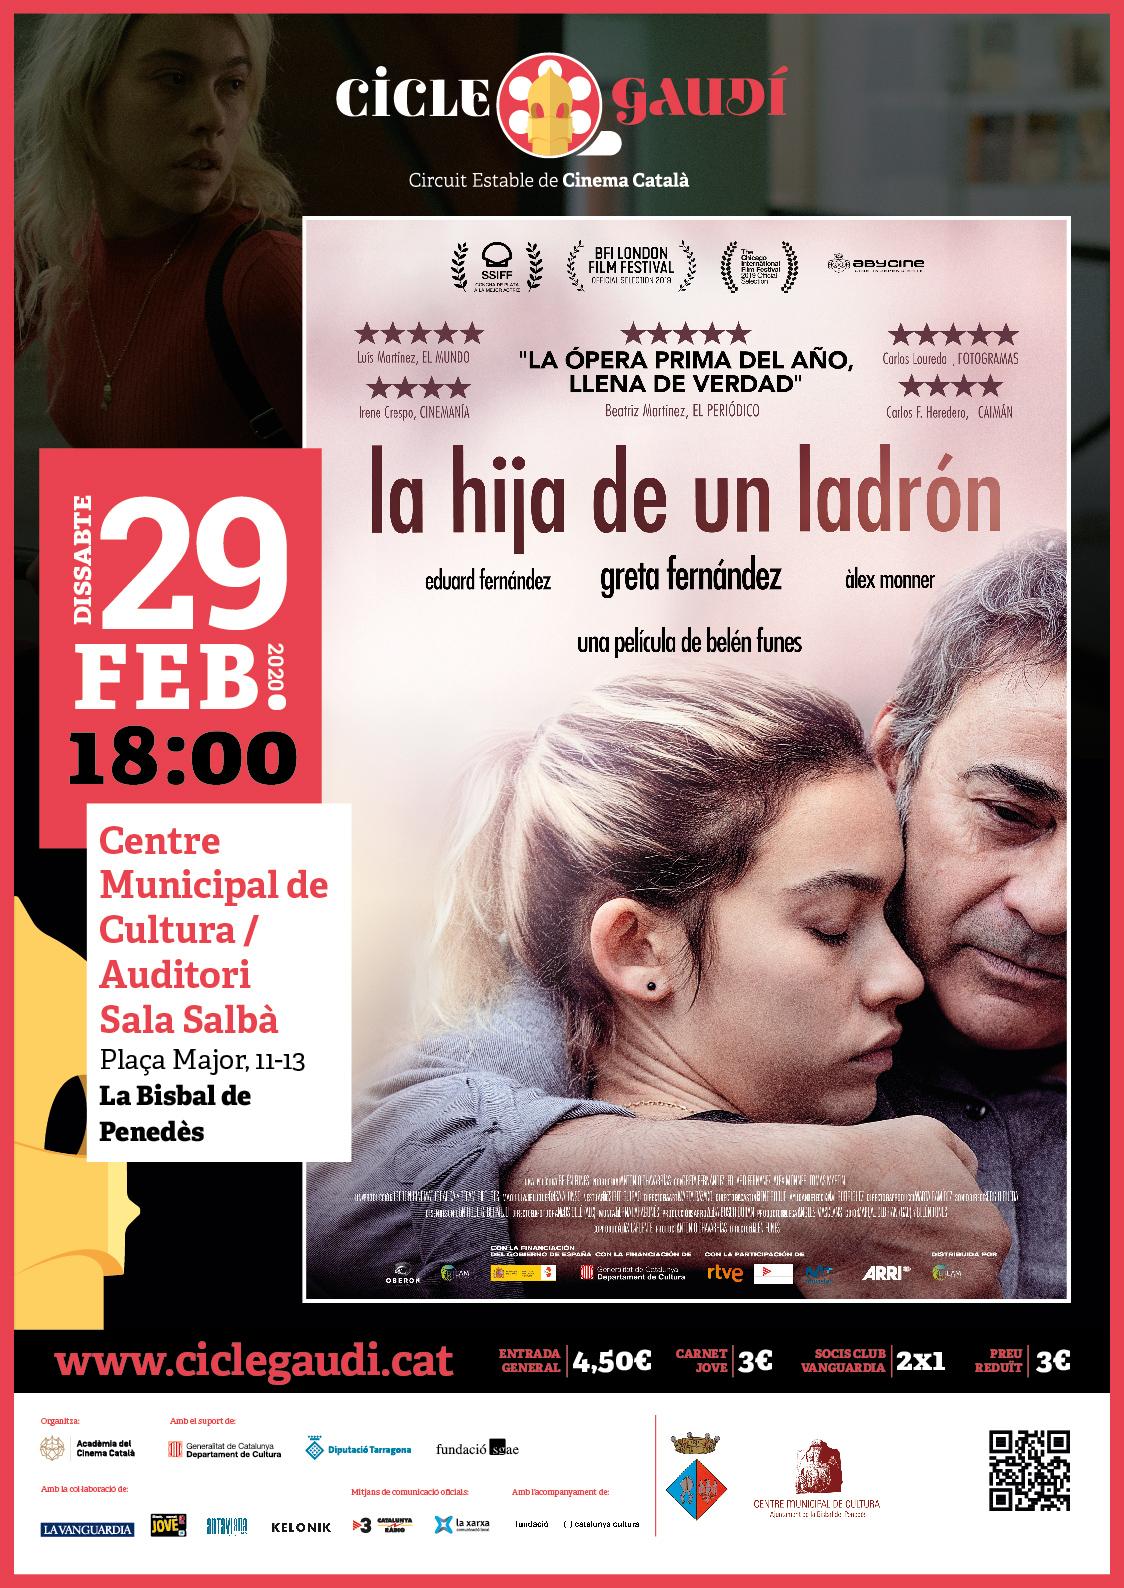 Cicle Gaudí: el dissabte 29 de febrer a les 18h podreu veure la pel·lícula 'La hija de un ladrón' al CMC